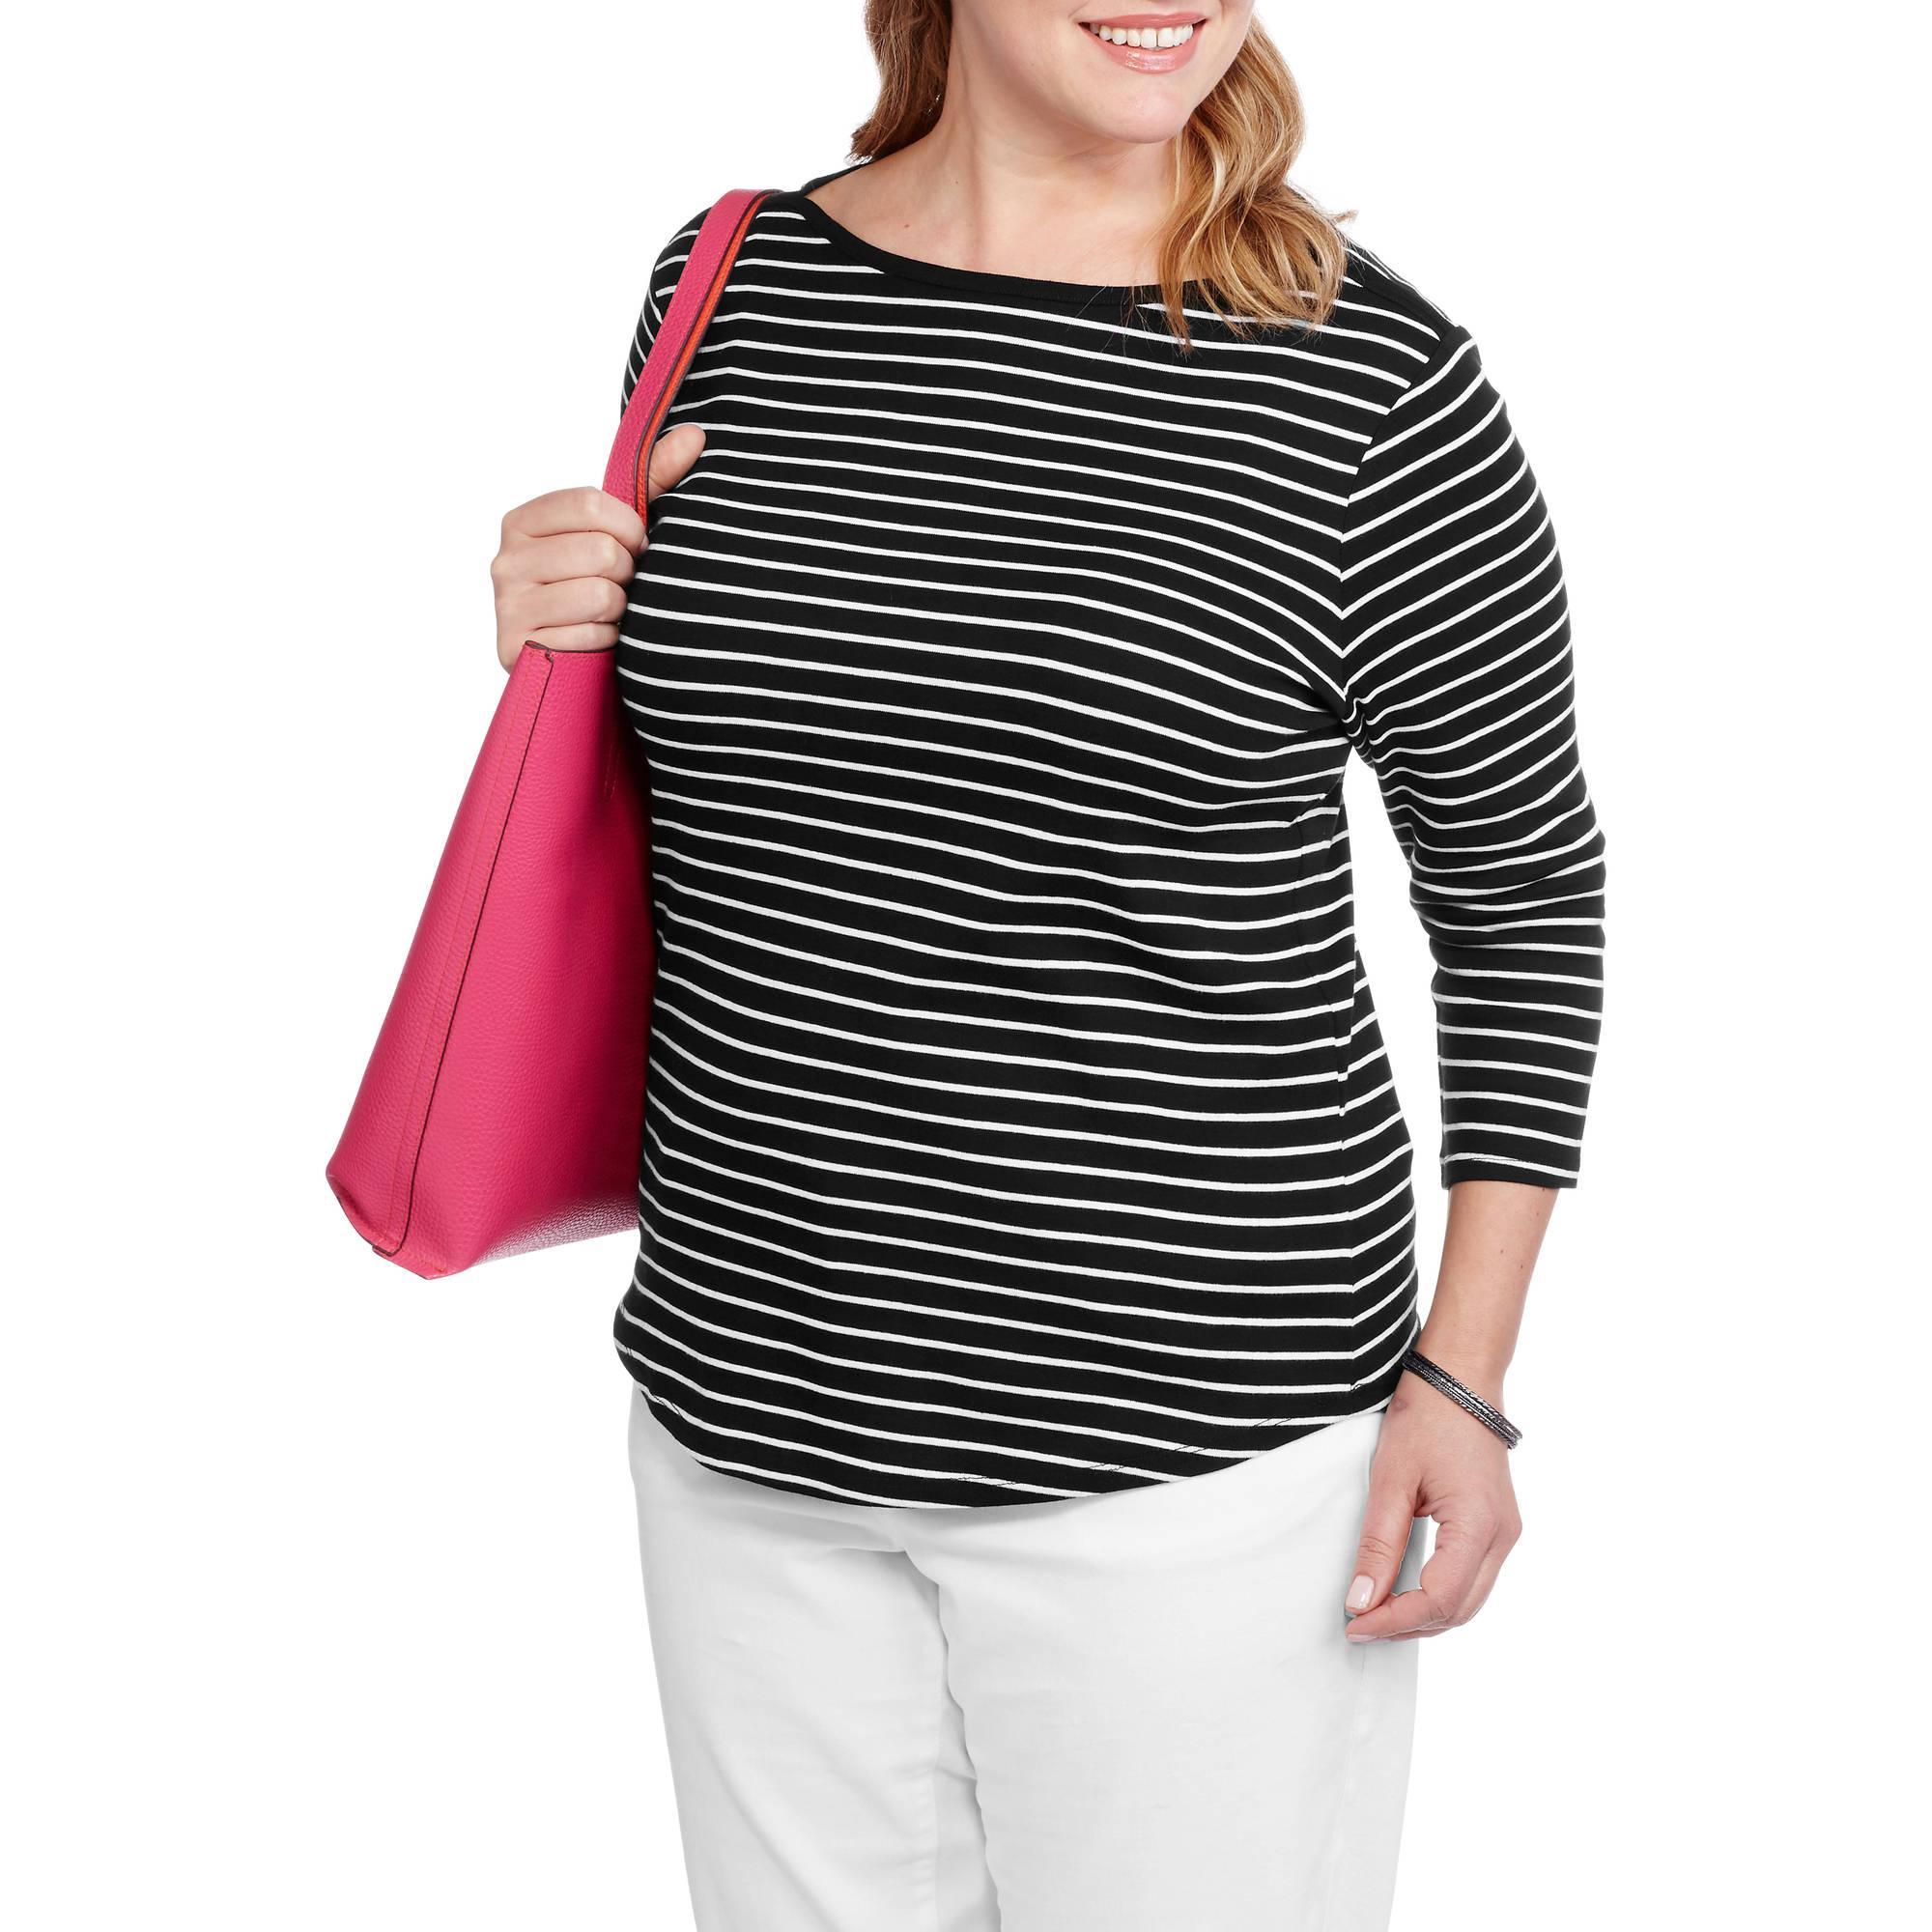 Faded Glory Women's Plus-Size Boatneck Stripe Tee